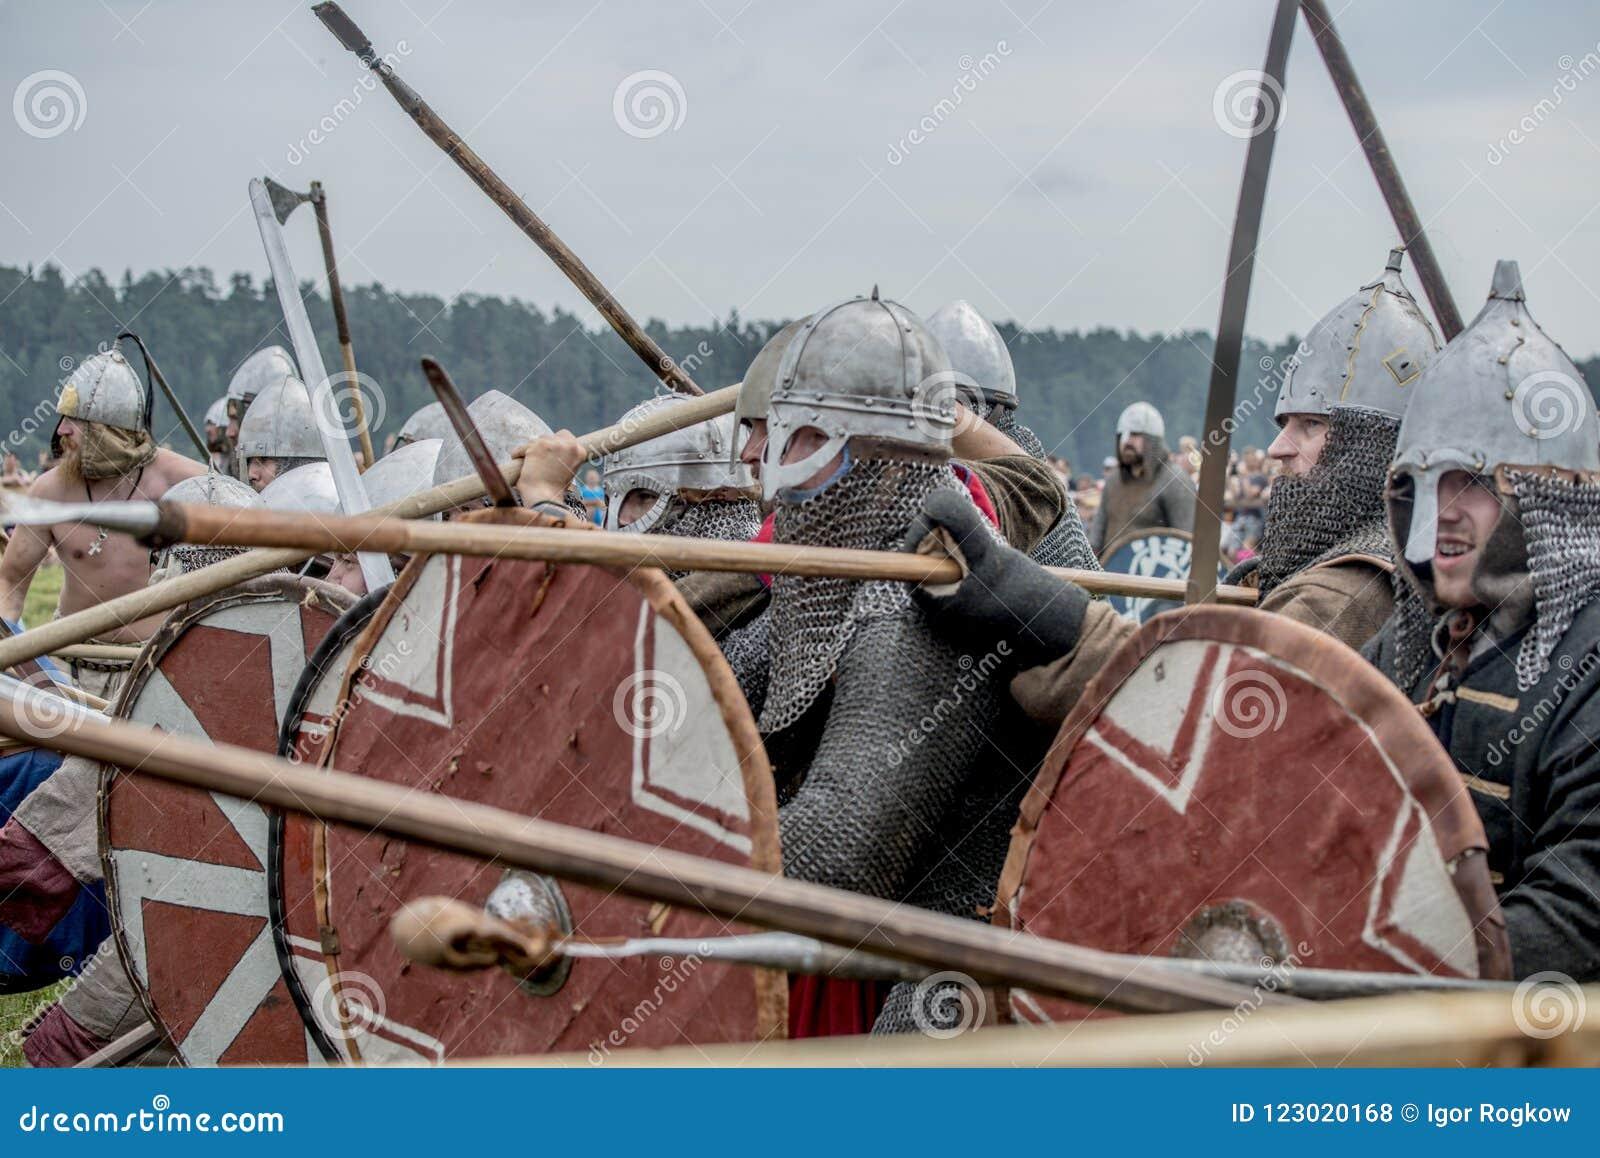 Etnisch Festival van Oude Cultuur Wederopbouw van middeleeuwse strijders van ridders in slag